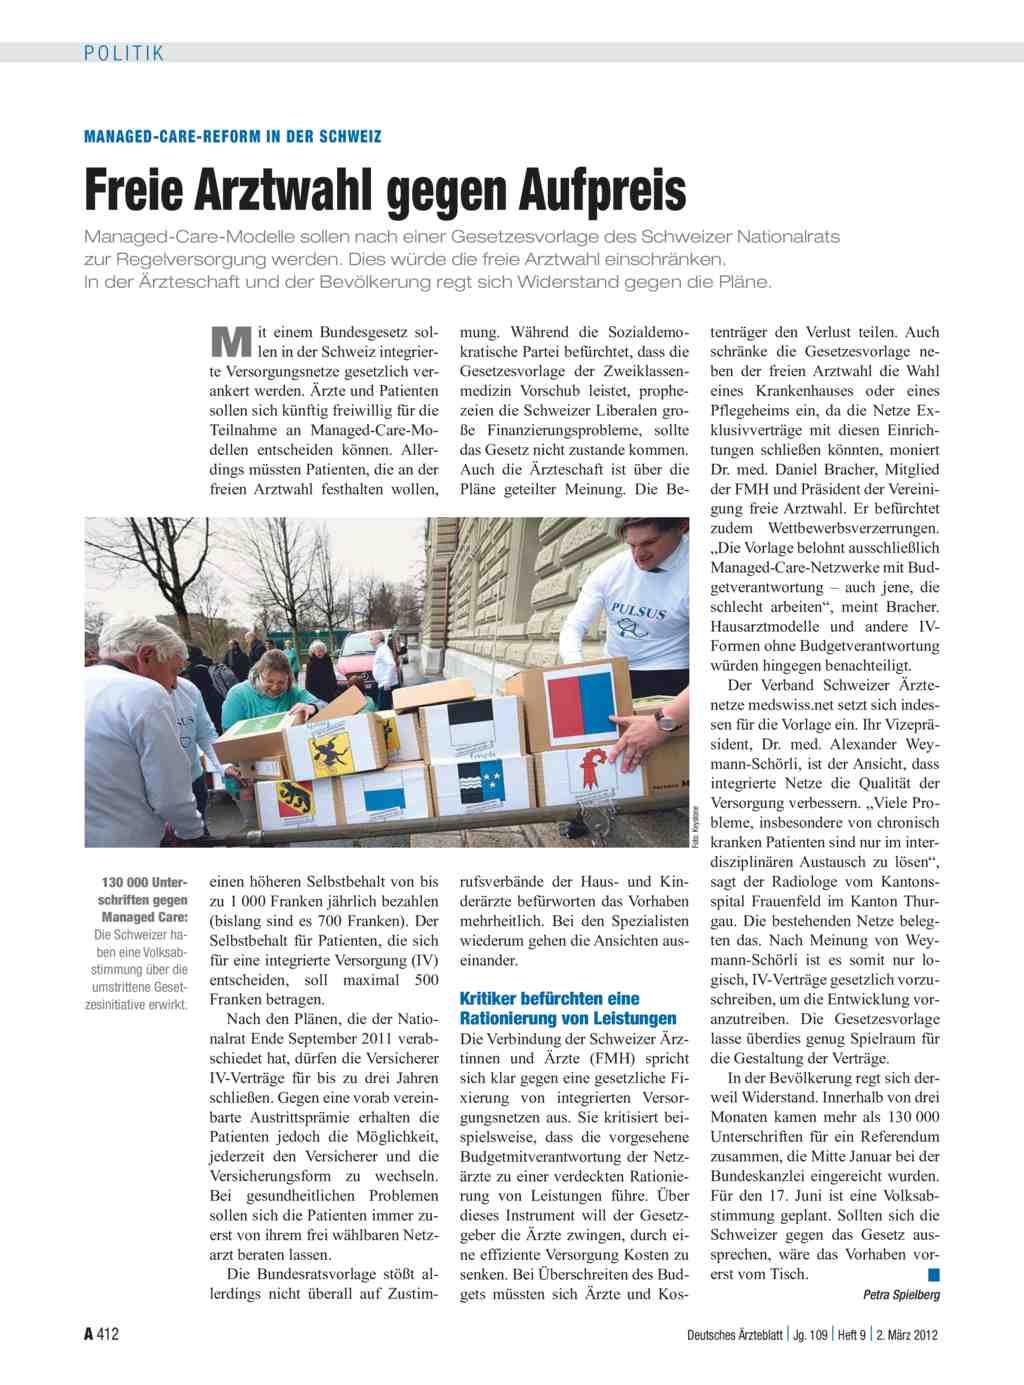 Managed care reform in der schweiz freie arztwahl gegen for Medizin studieren schweiz